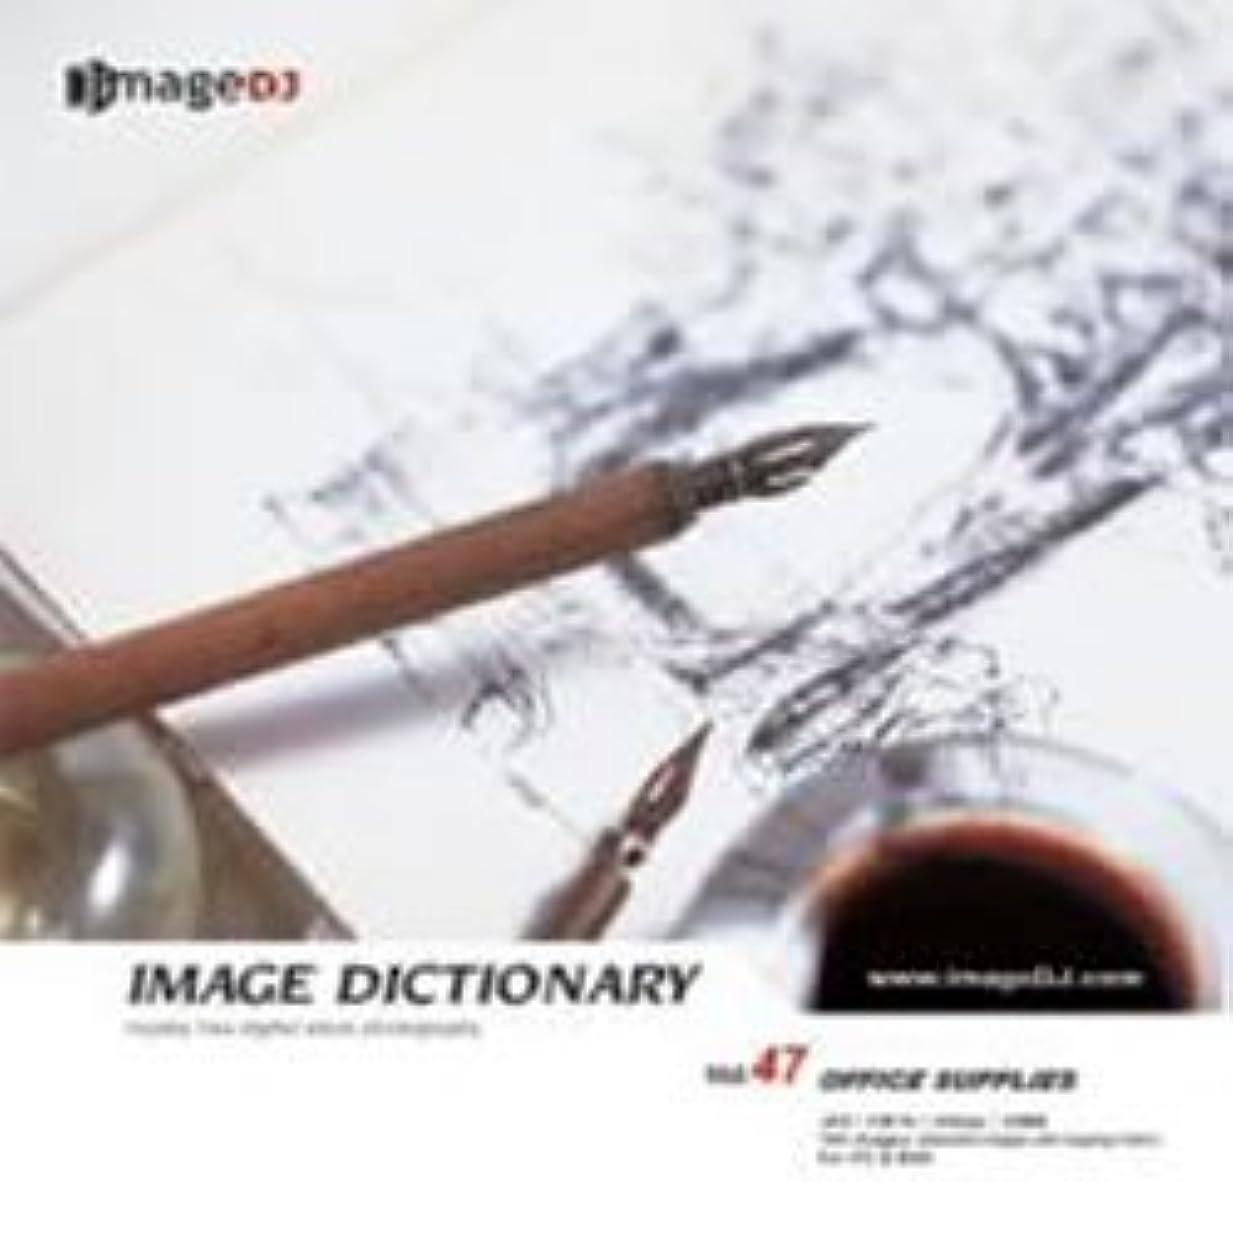 ファウル更新和イメージ ディクショナリー Vol.47 事務用品